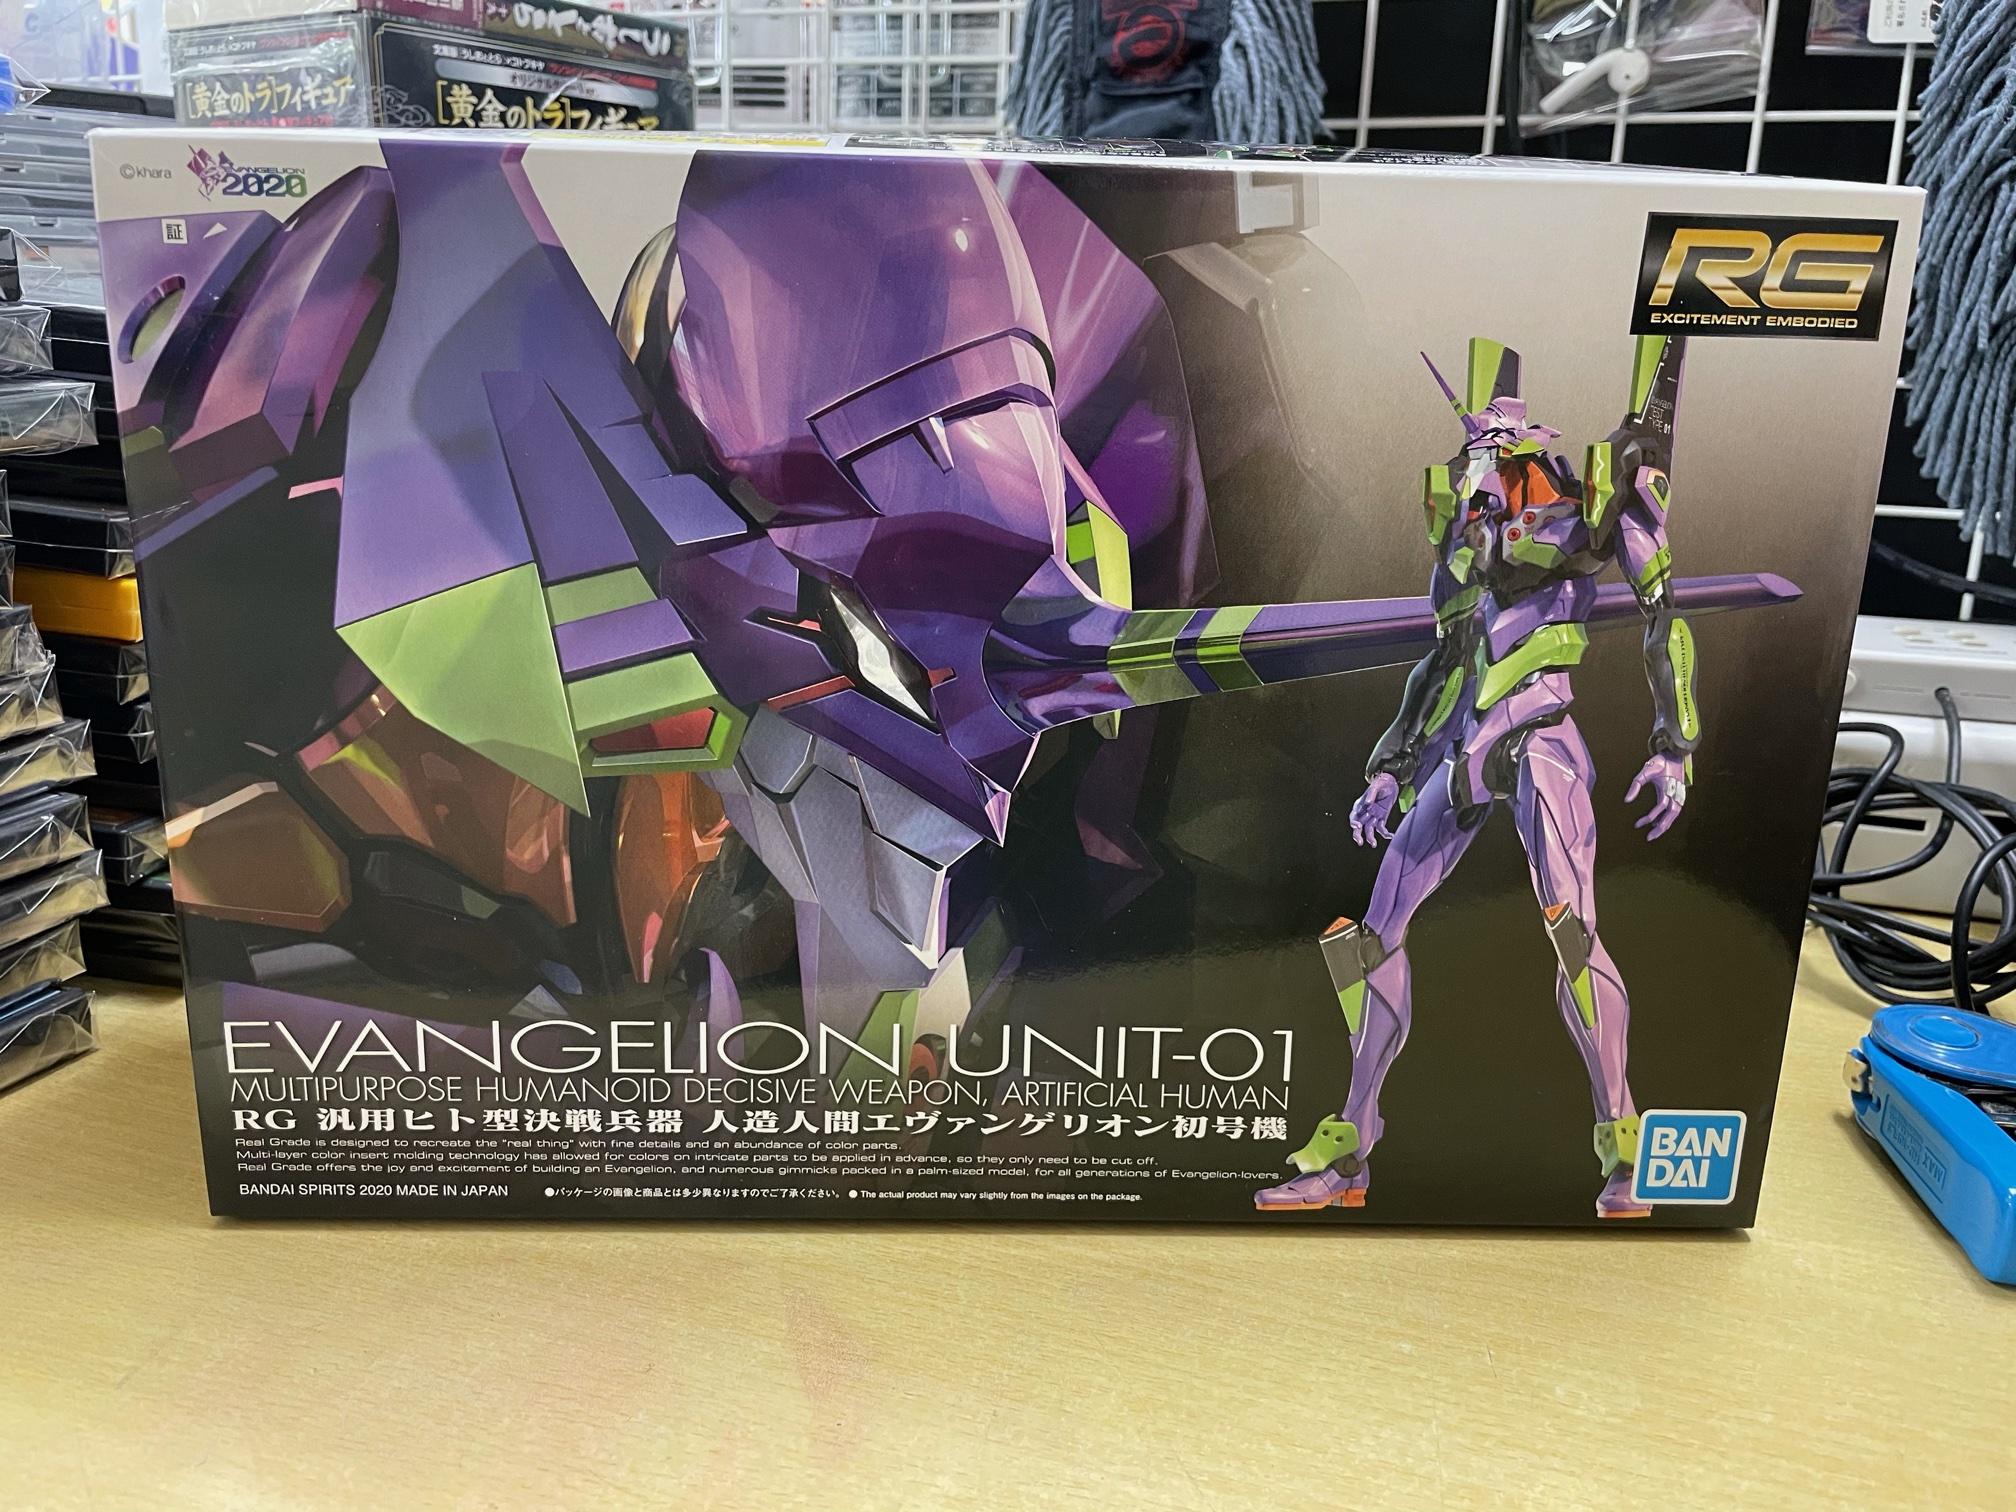 買取情報『ヱヴァンゲリヲン新劇場版より RG 汎用ヒト型決戦兵器 人造人間エヴァンゲリオンシリーズ』です!